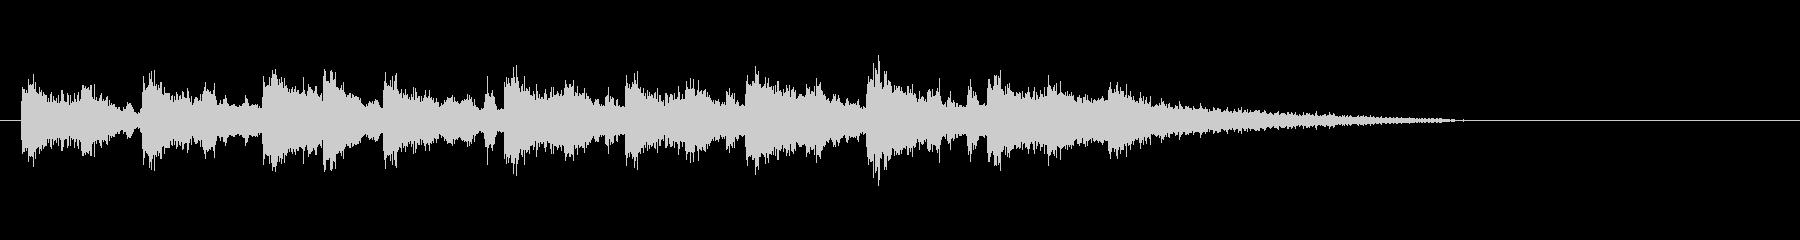 テーマ3A:ドラム、ピッコロ、ファ...の未再生の波形